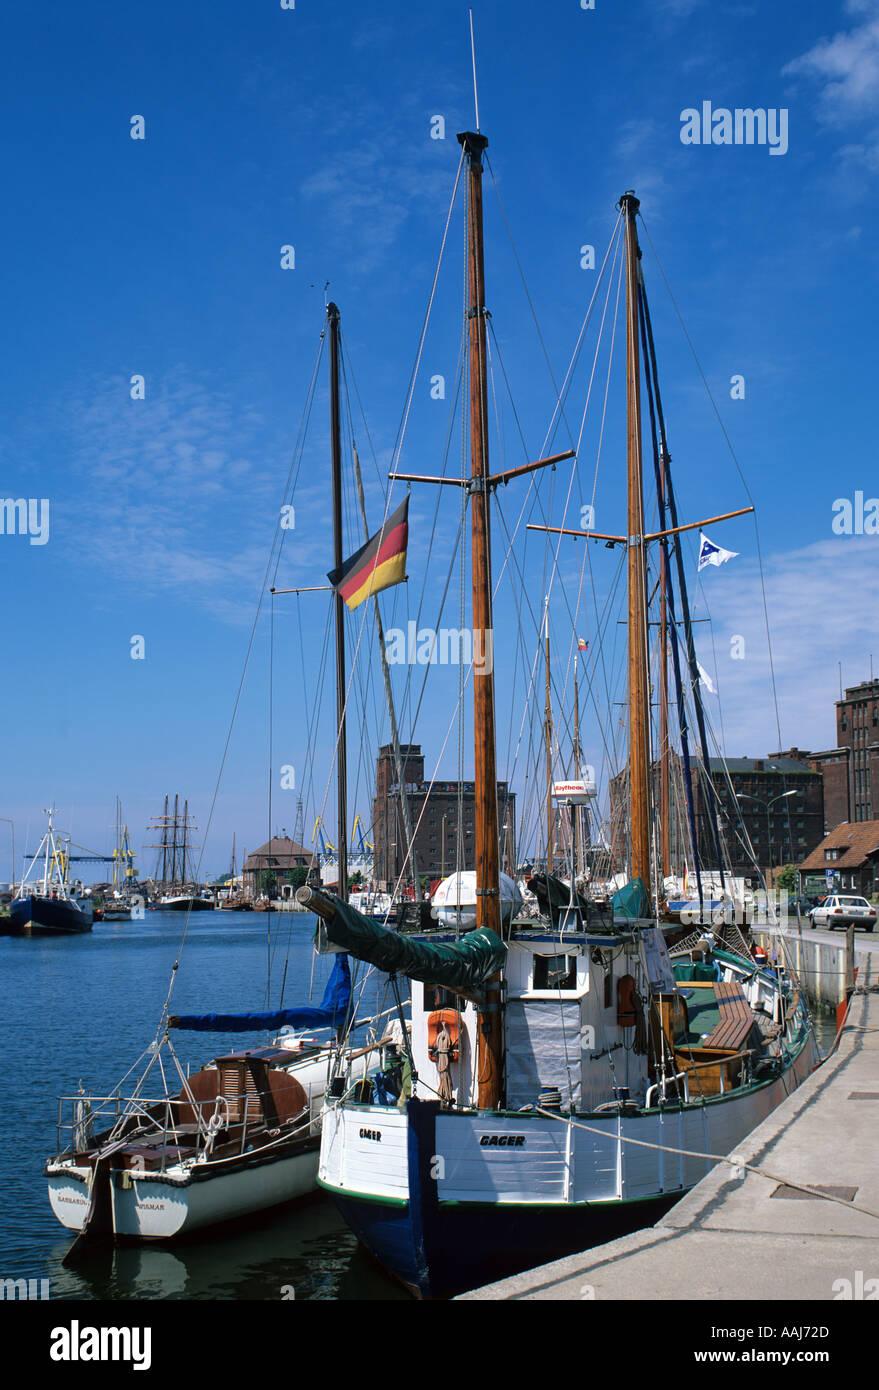 Europa Europe Germany Deutschland Wismar Mecklenburg Vorpommern  Mecklenburg Western Pomerania Hafen Harbour - Stock Image